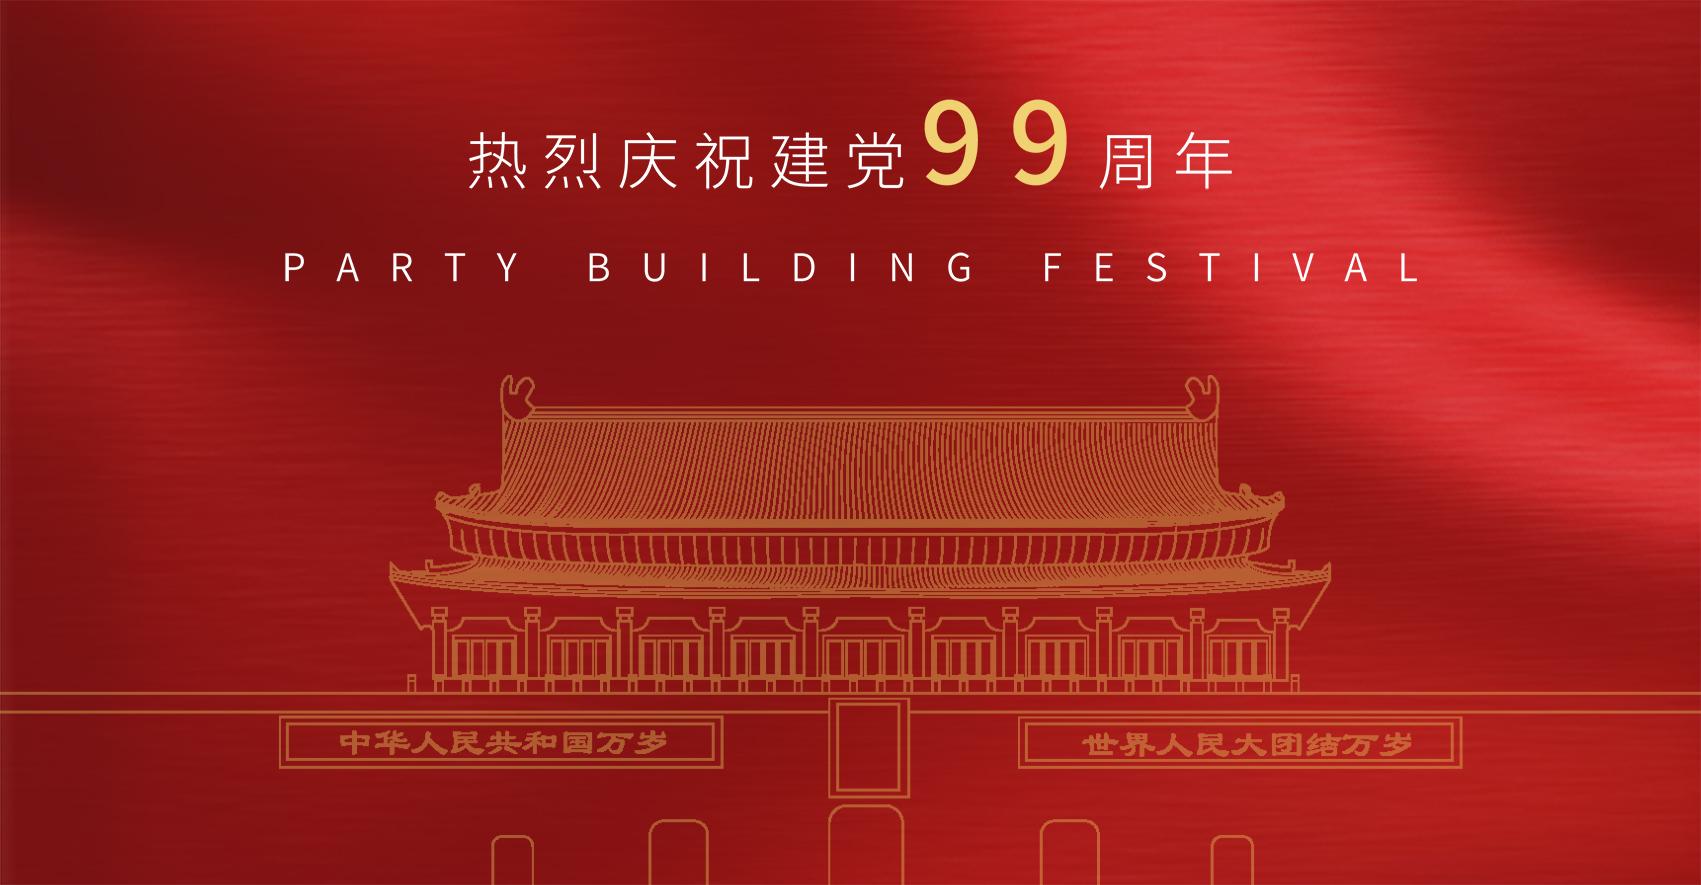 以匠心致党心—陕西航天德赢热烈庆祝建党99周年